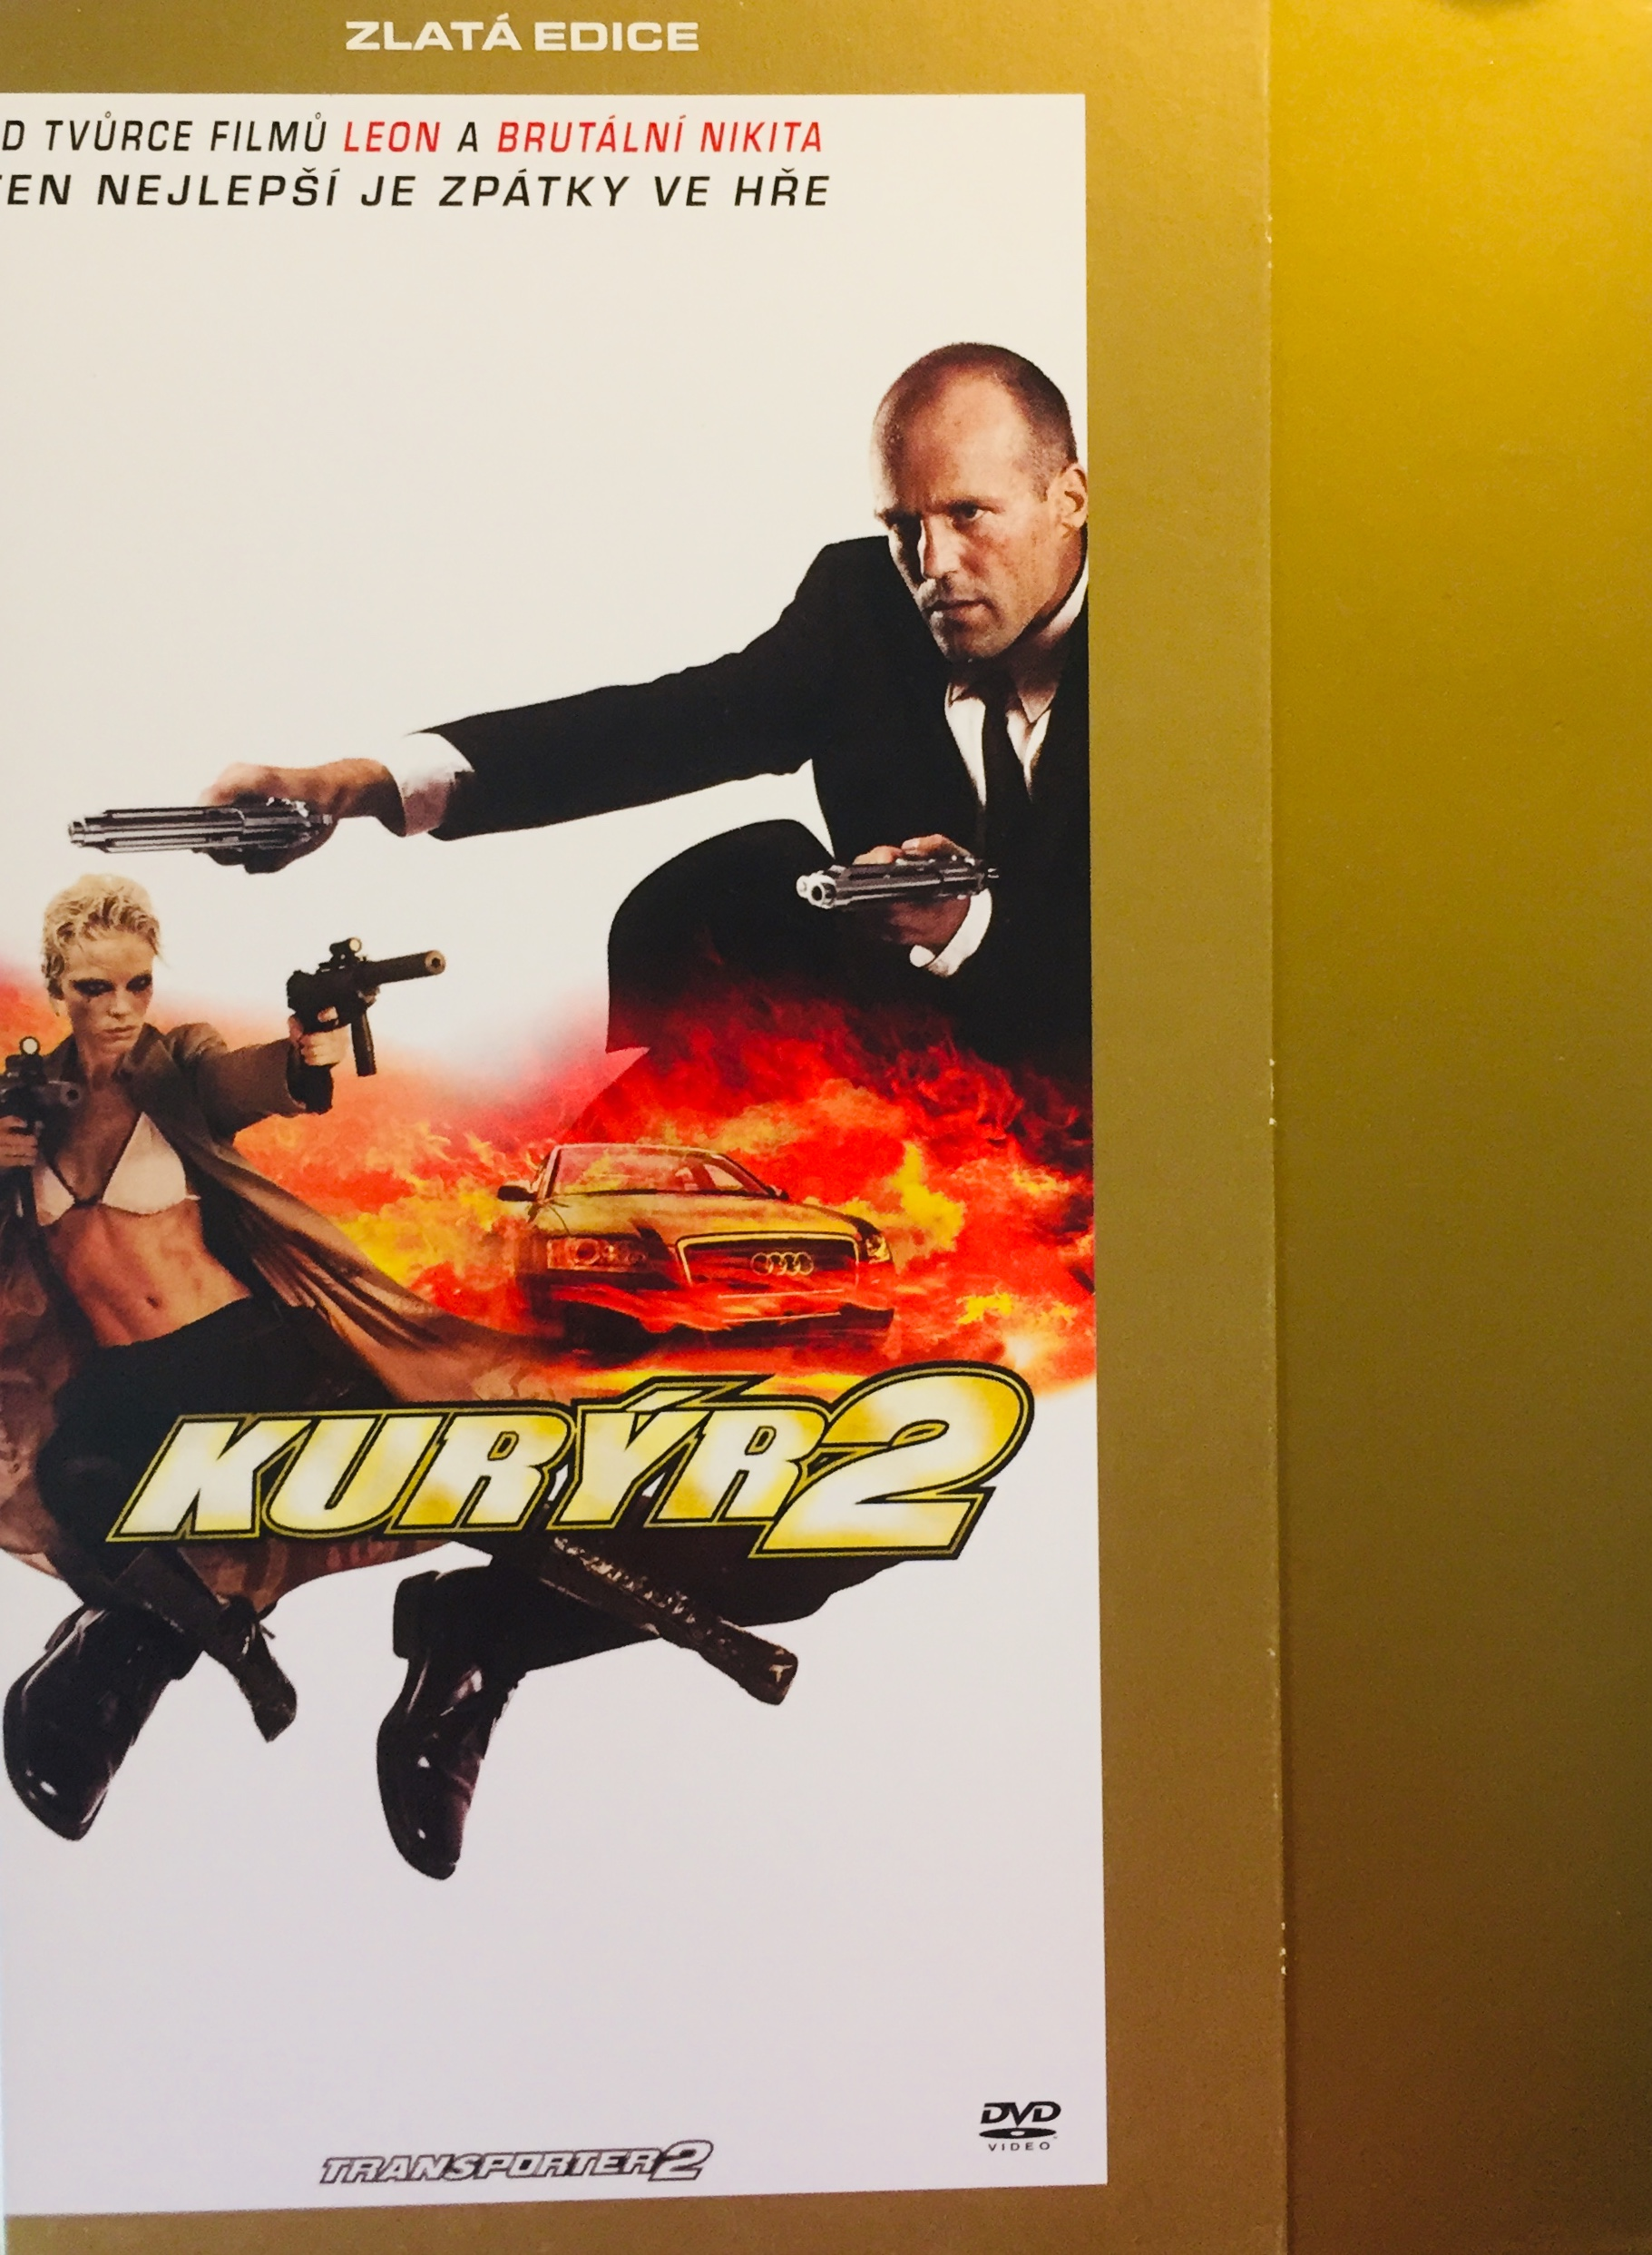 Kurýr 2 - Zlatá edice - DVD /digipack v šubru/